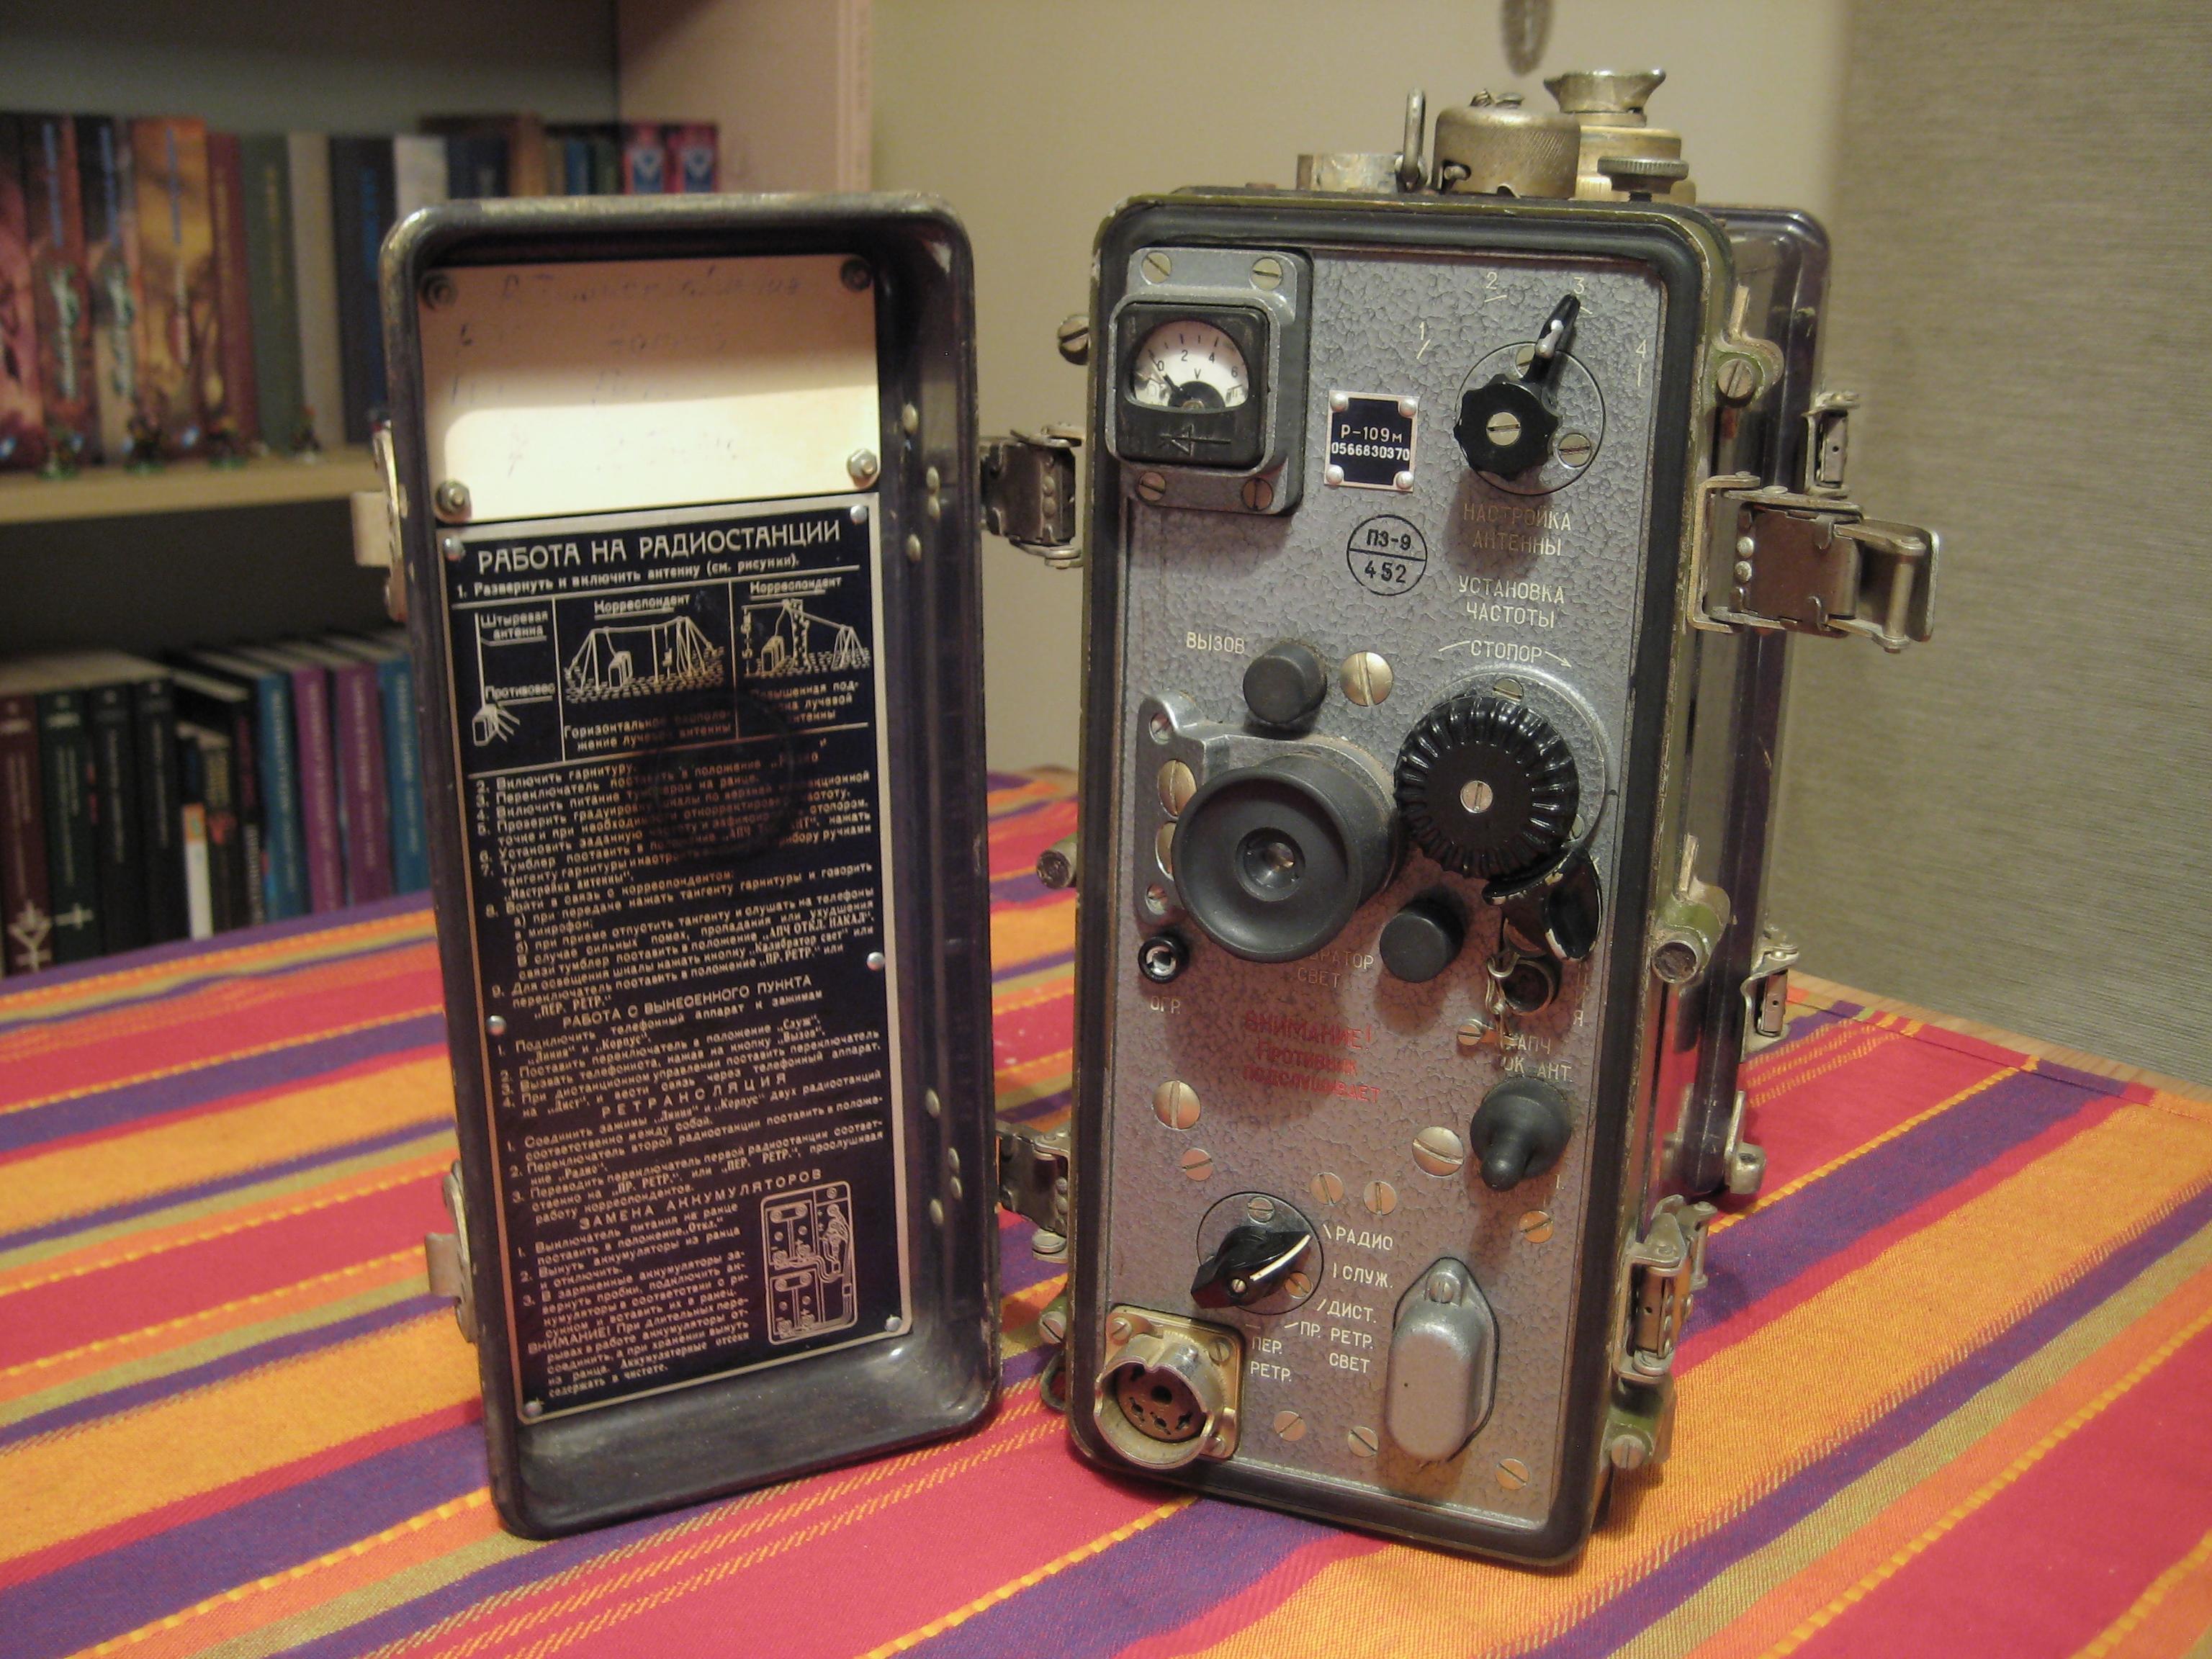 Circuito Walkie Talkie Casero : R m Р м una radio de campaña soviética la cachimba